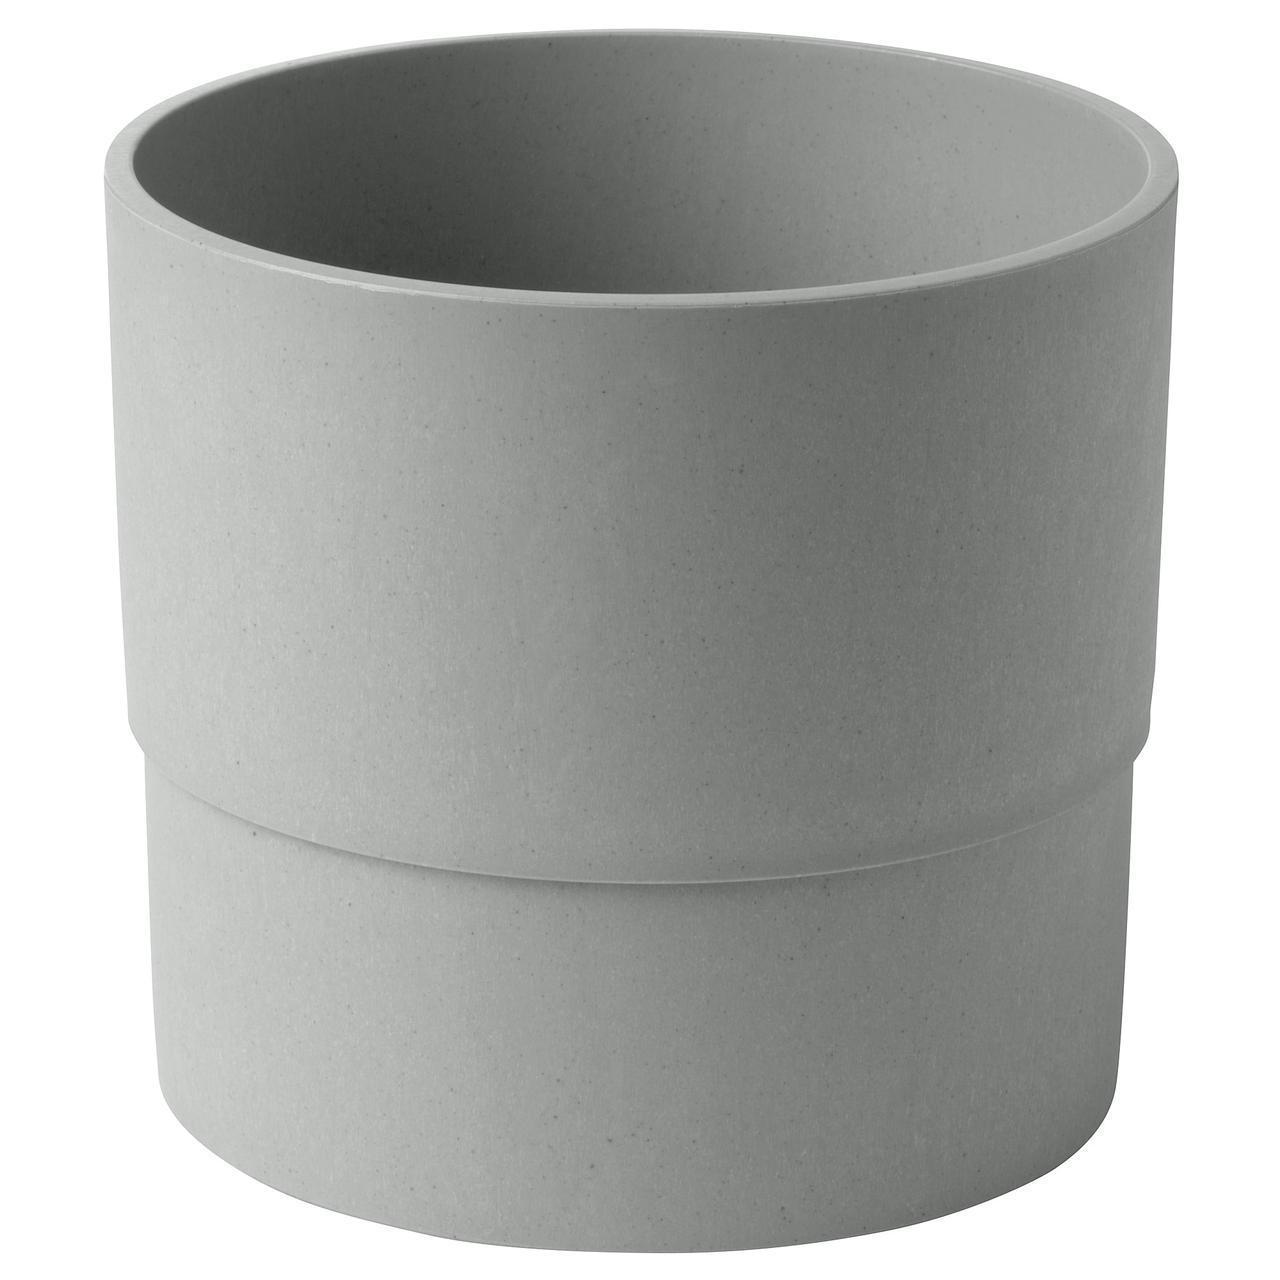 Цветочный горшок IKEA NYPON 15 см серый 603.956.16